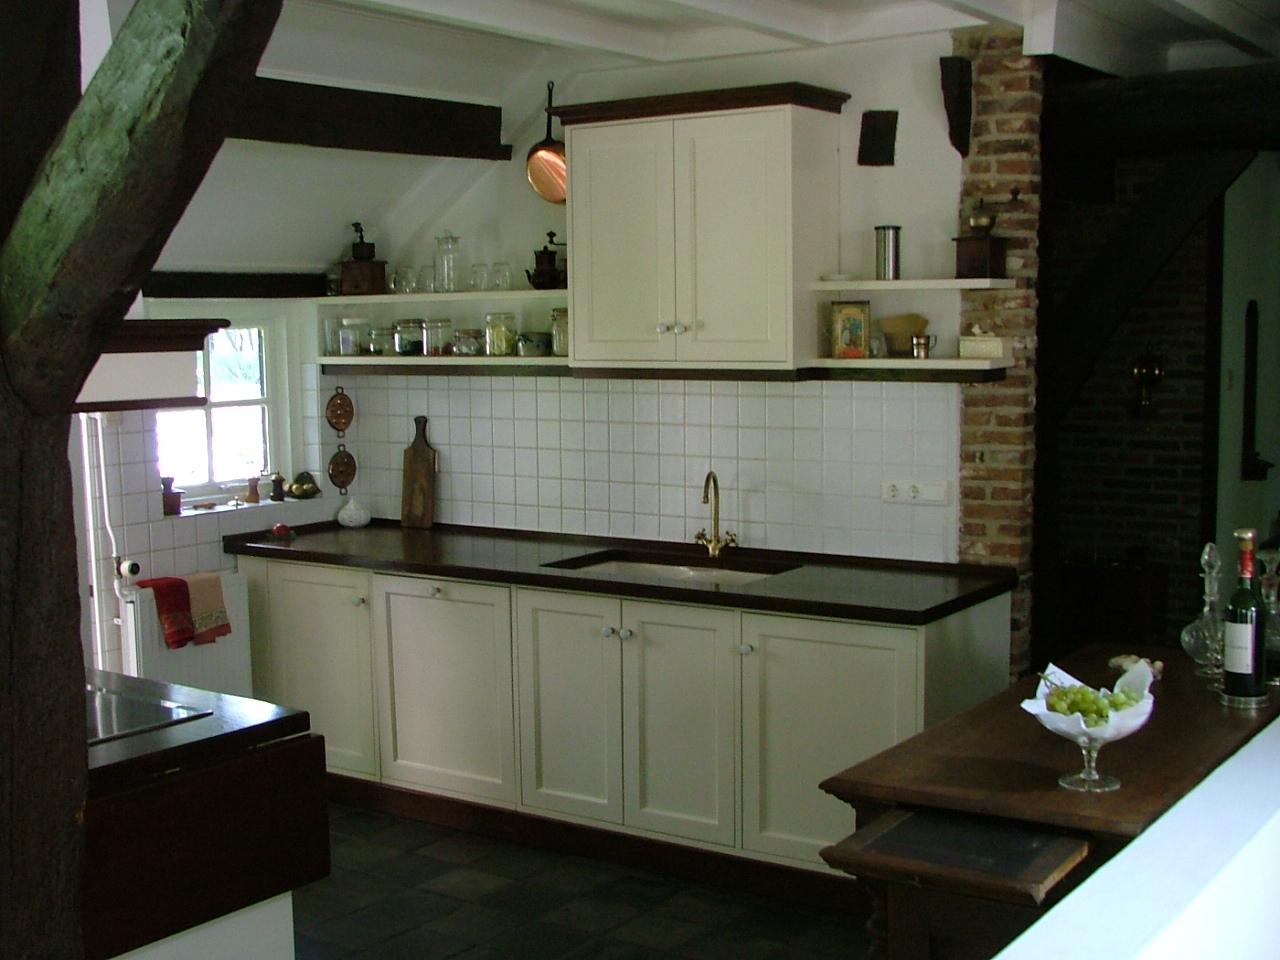 Maatwerk landelijke keuken, uitgevoerd met witte houten kasten en een stenen keukenblad.